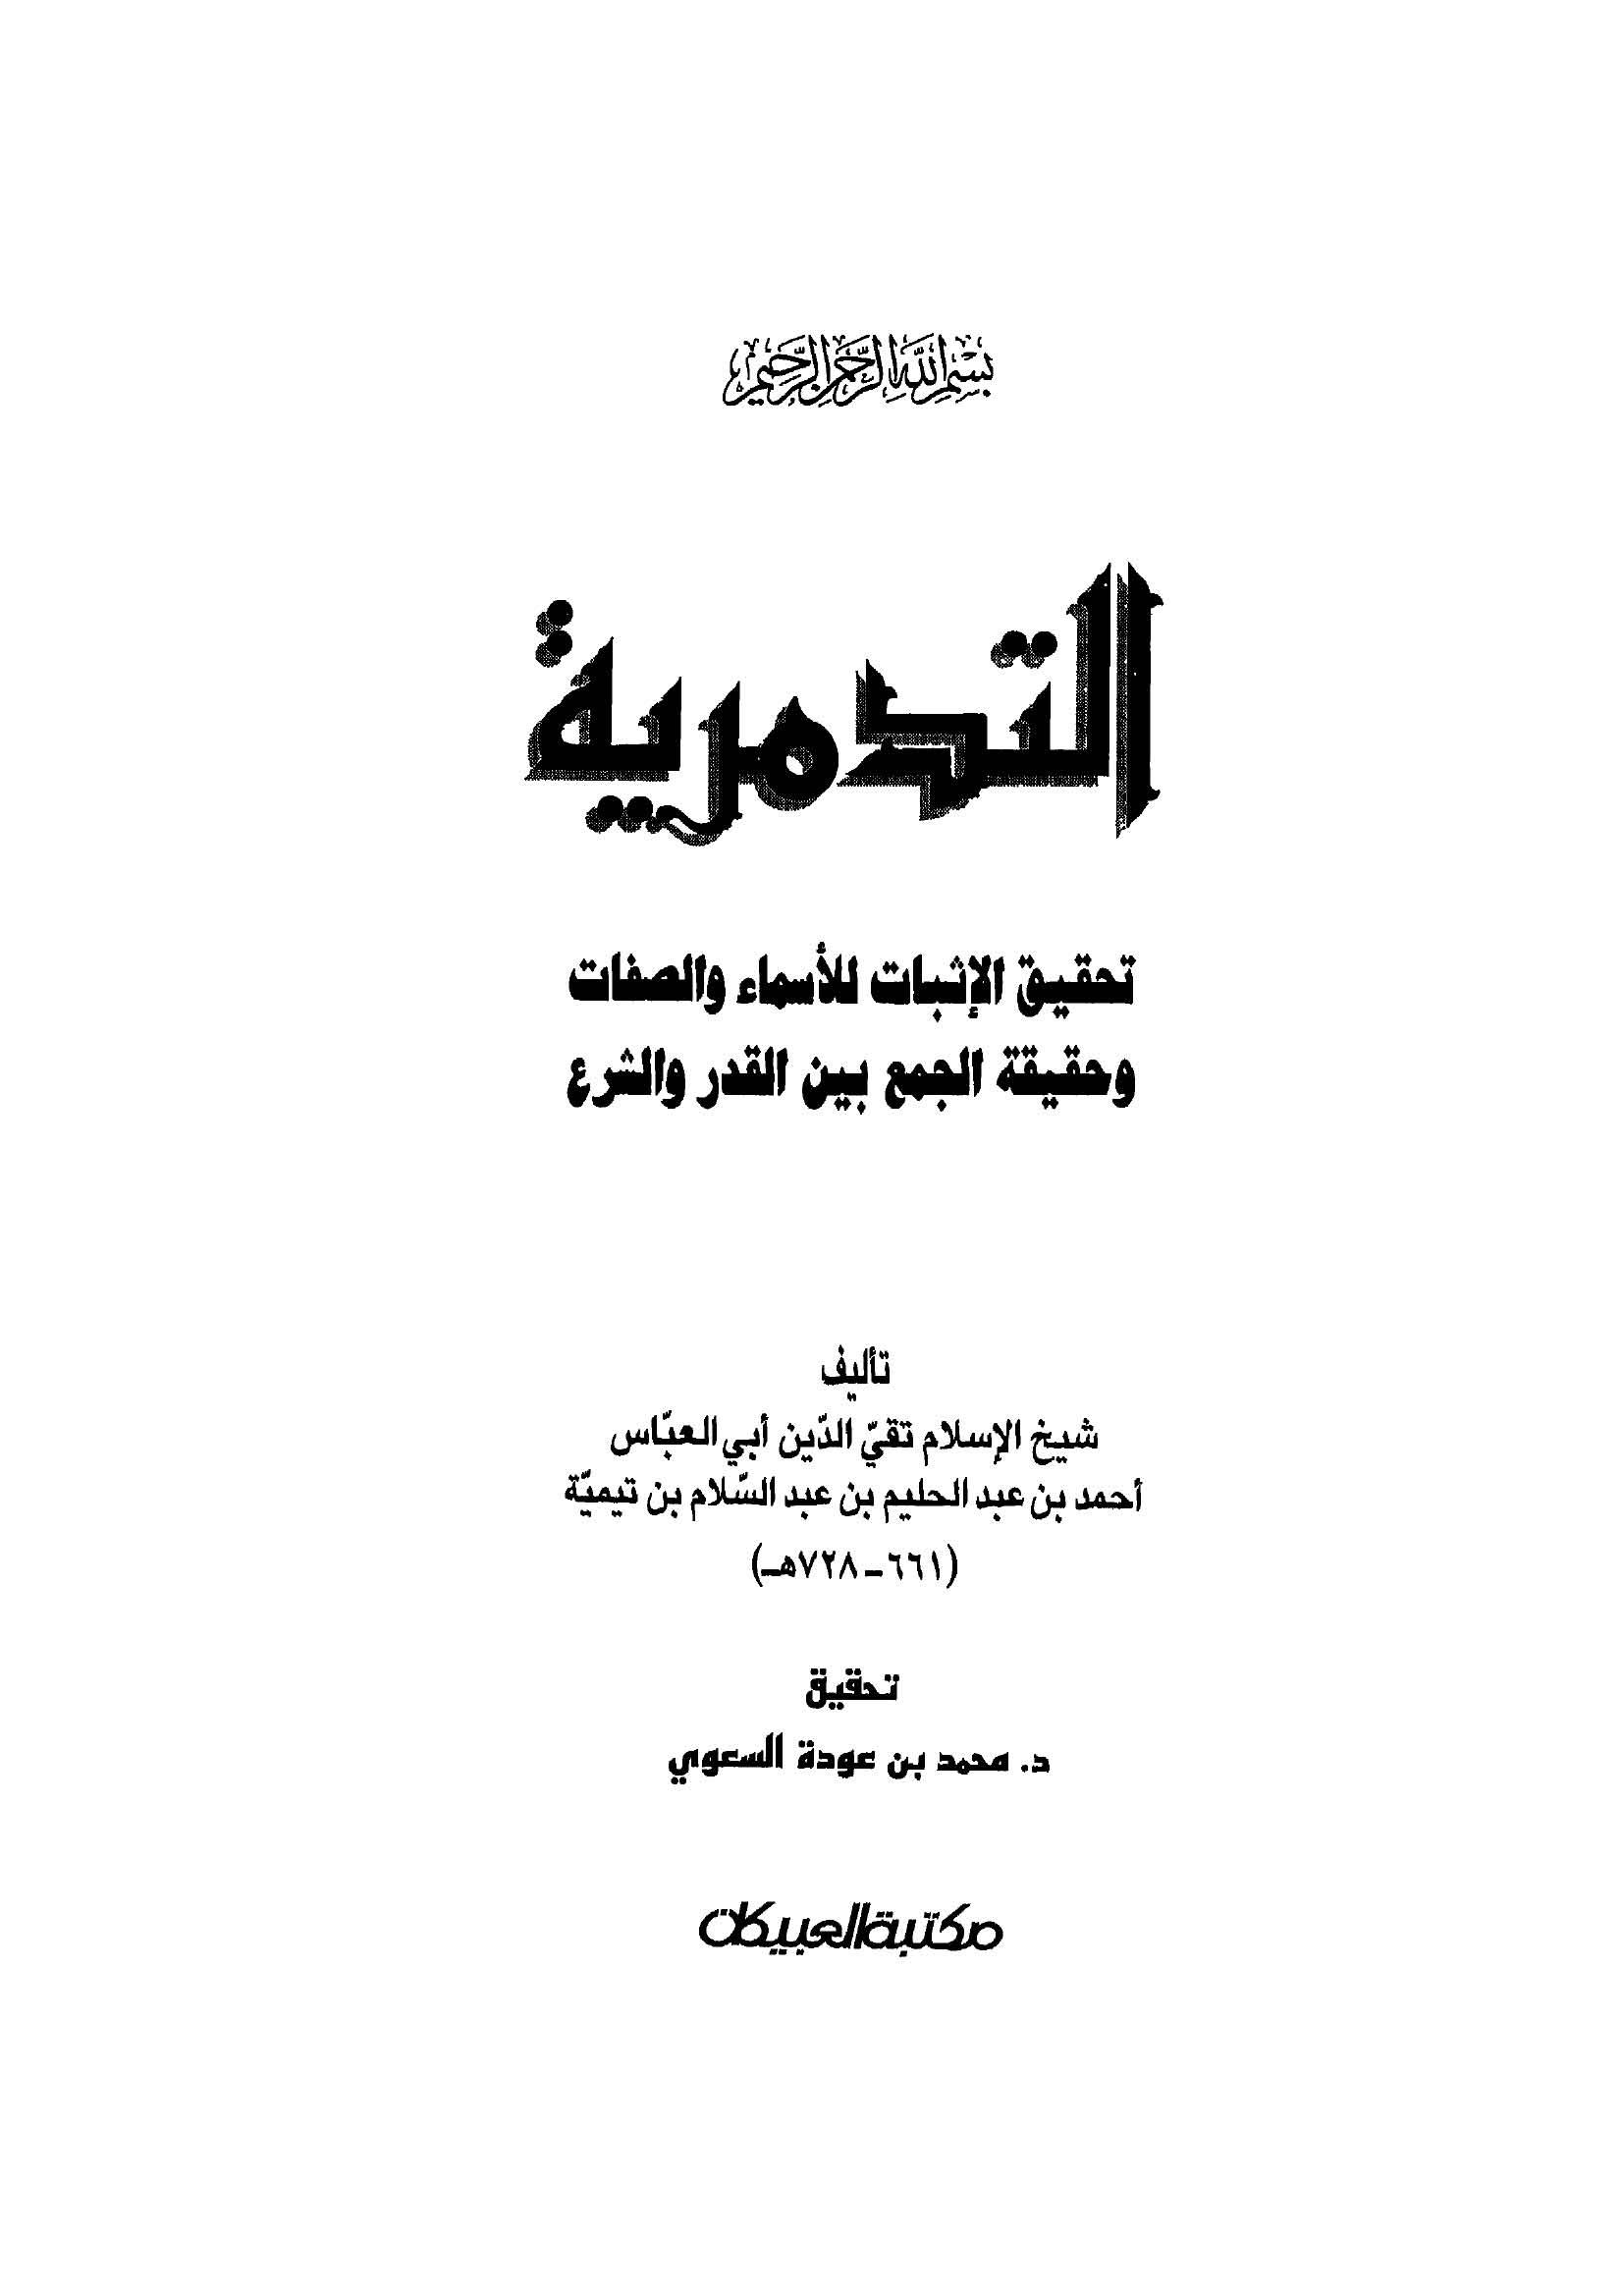 تحميل كتاب العقيدة التدمرية pdf مجاناً تأليف ابن تيمية | مكتبة تحميل كتب pdf